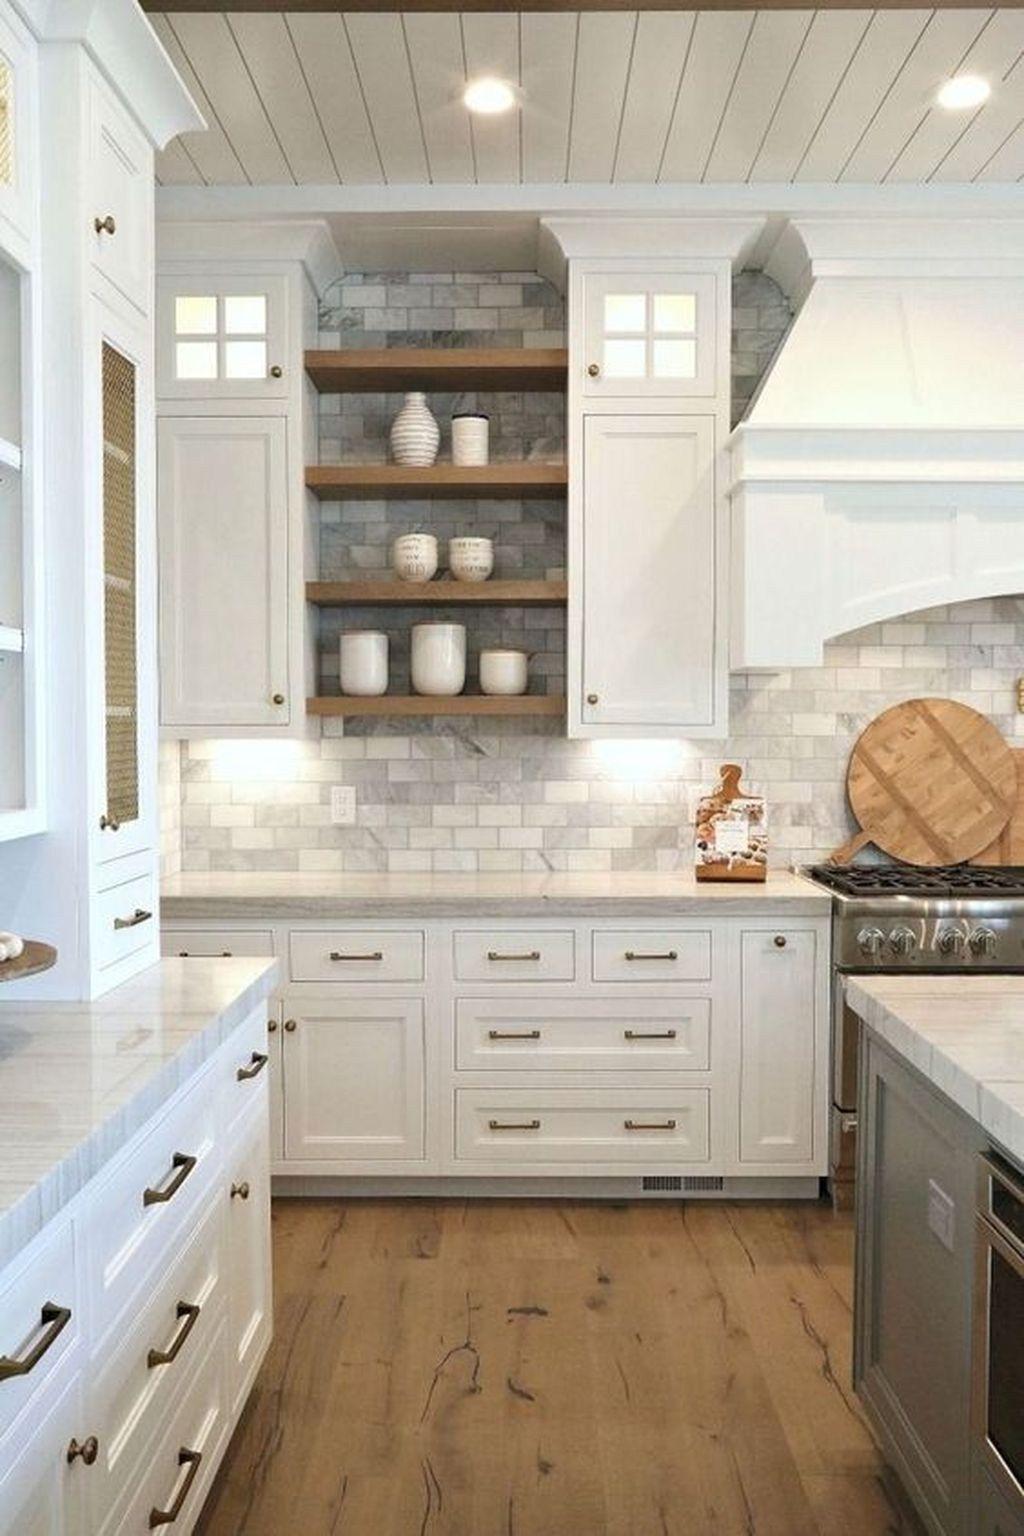 Farmhouse kitchen backsplash ideas lvng n tle pinterest